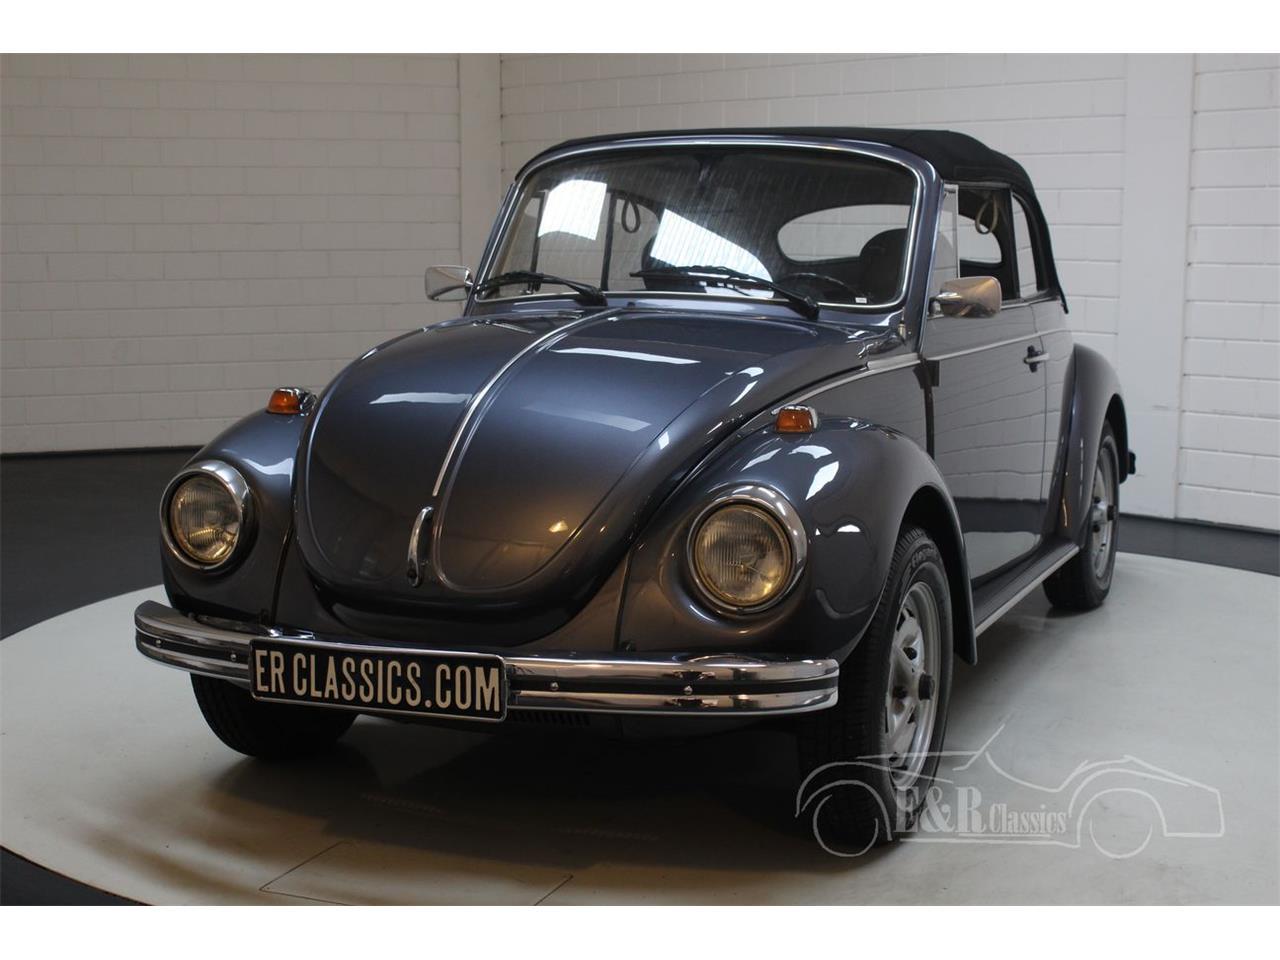 Large Picture of '74 Volkswagen Beetle located in Waalwijk Noord-Brabant - $27,950.00 - QC3W